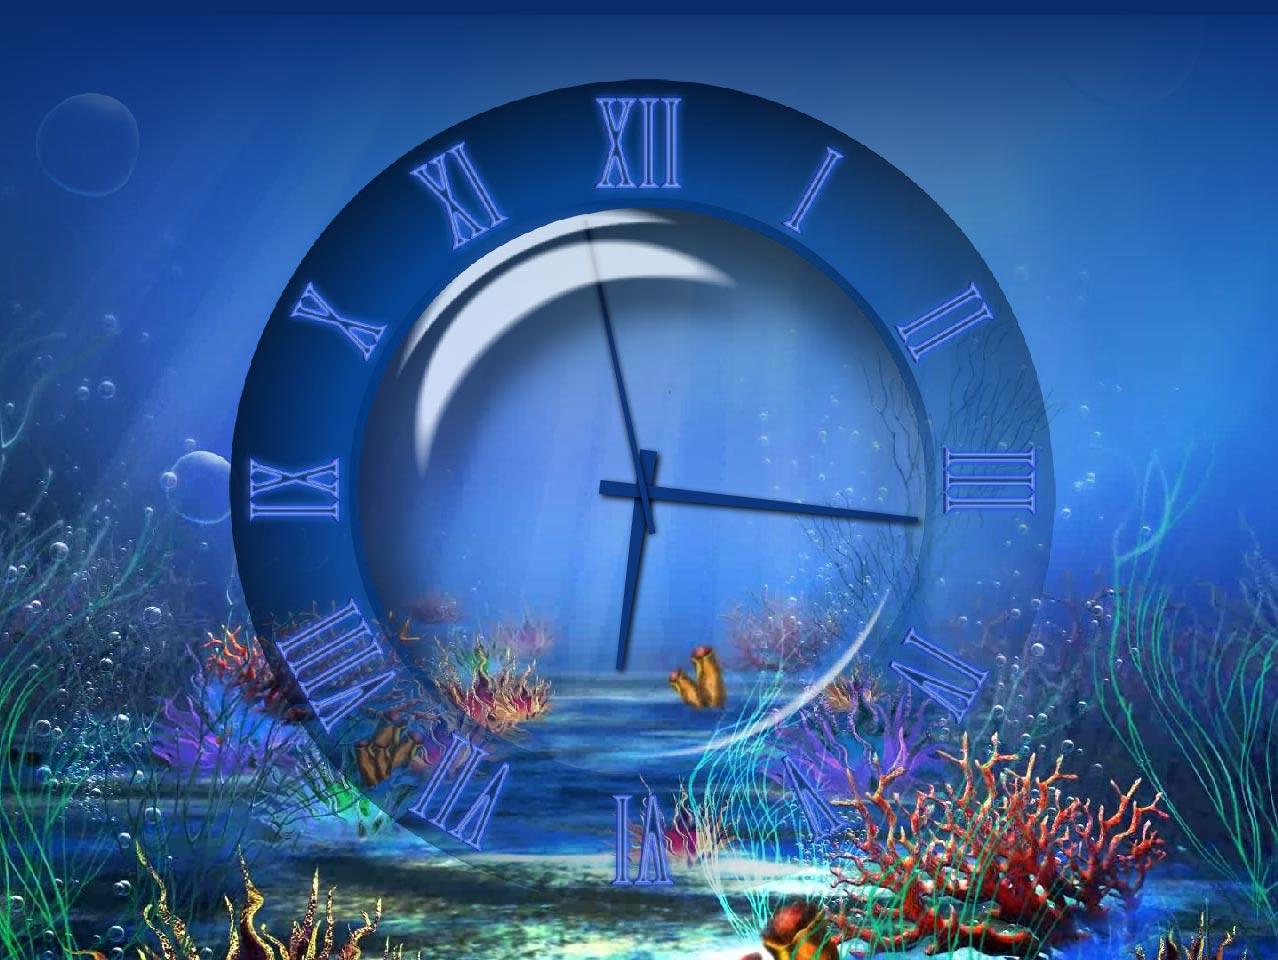 Заставка часы подводный мир скачать